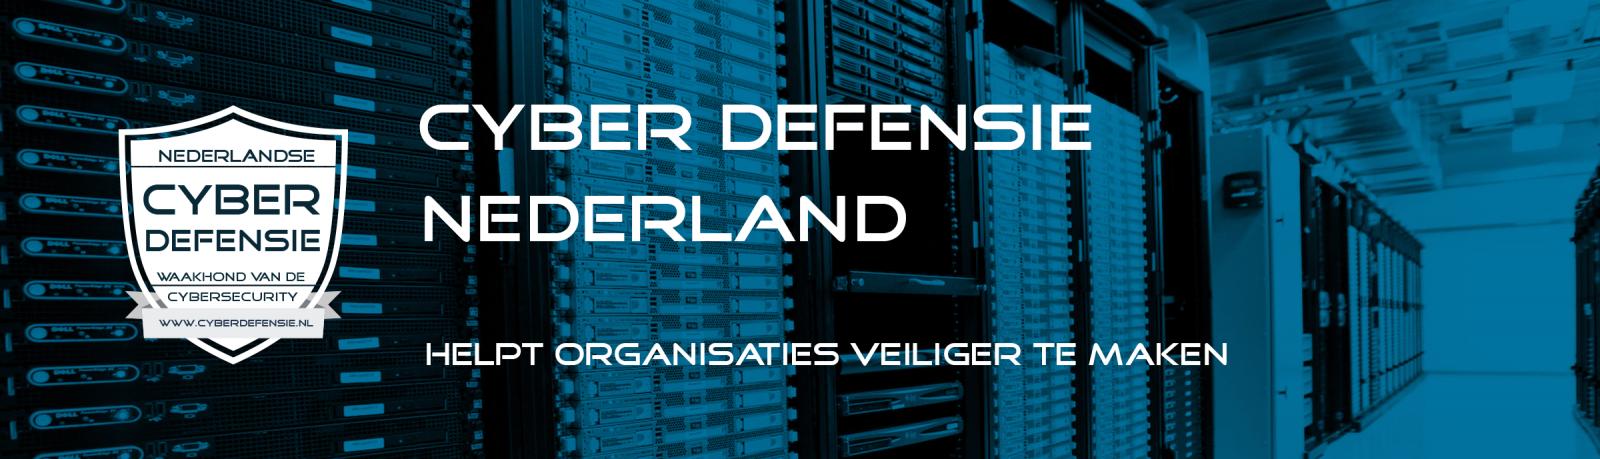 Cyber Security Experts helpen uw cyber security te verbeteren